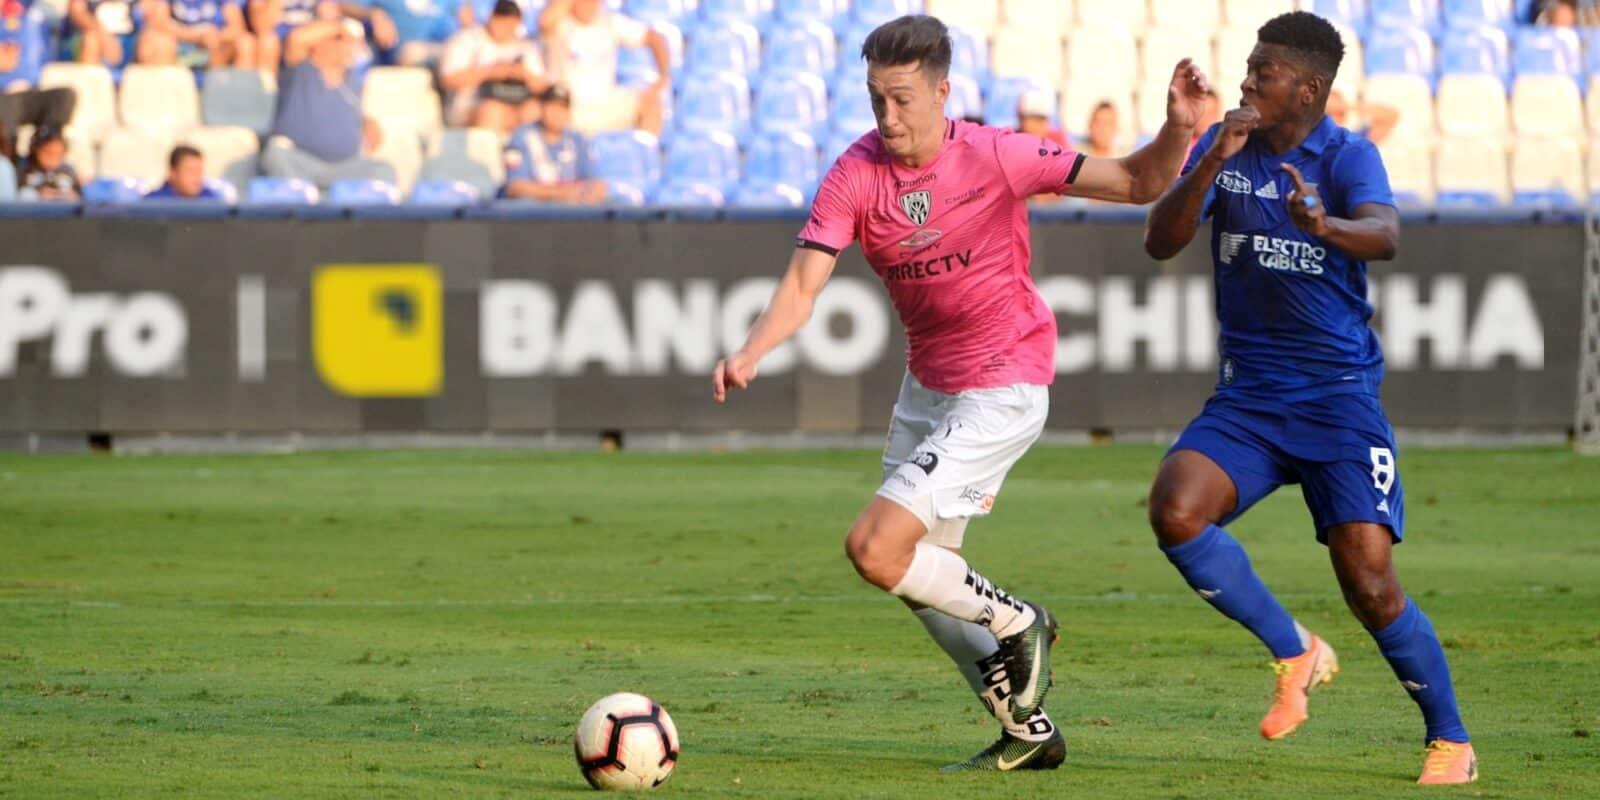 EMELEC 1x3 Independiente del Valle - tercera derrota en casa al hilo